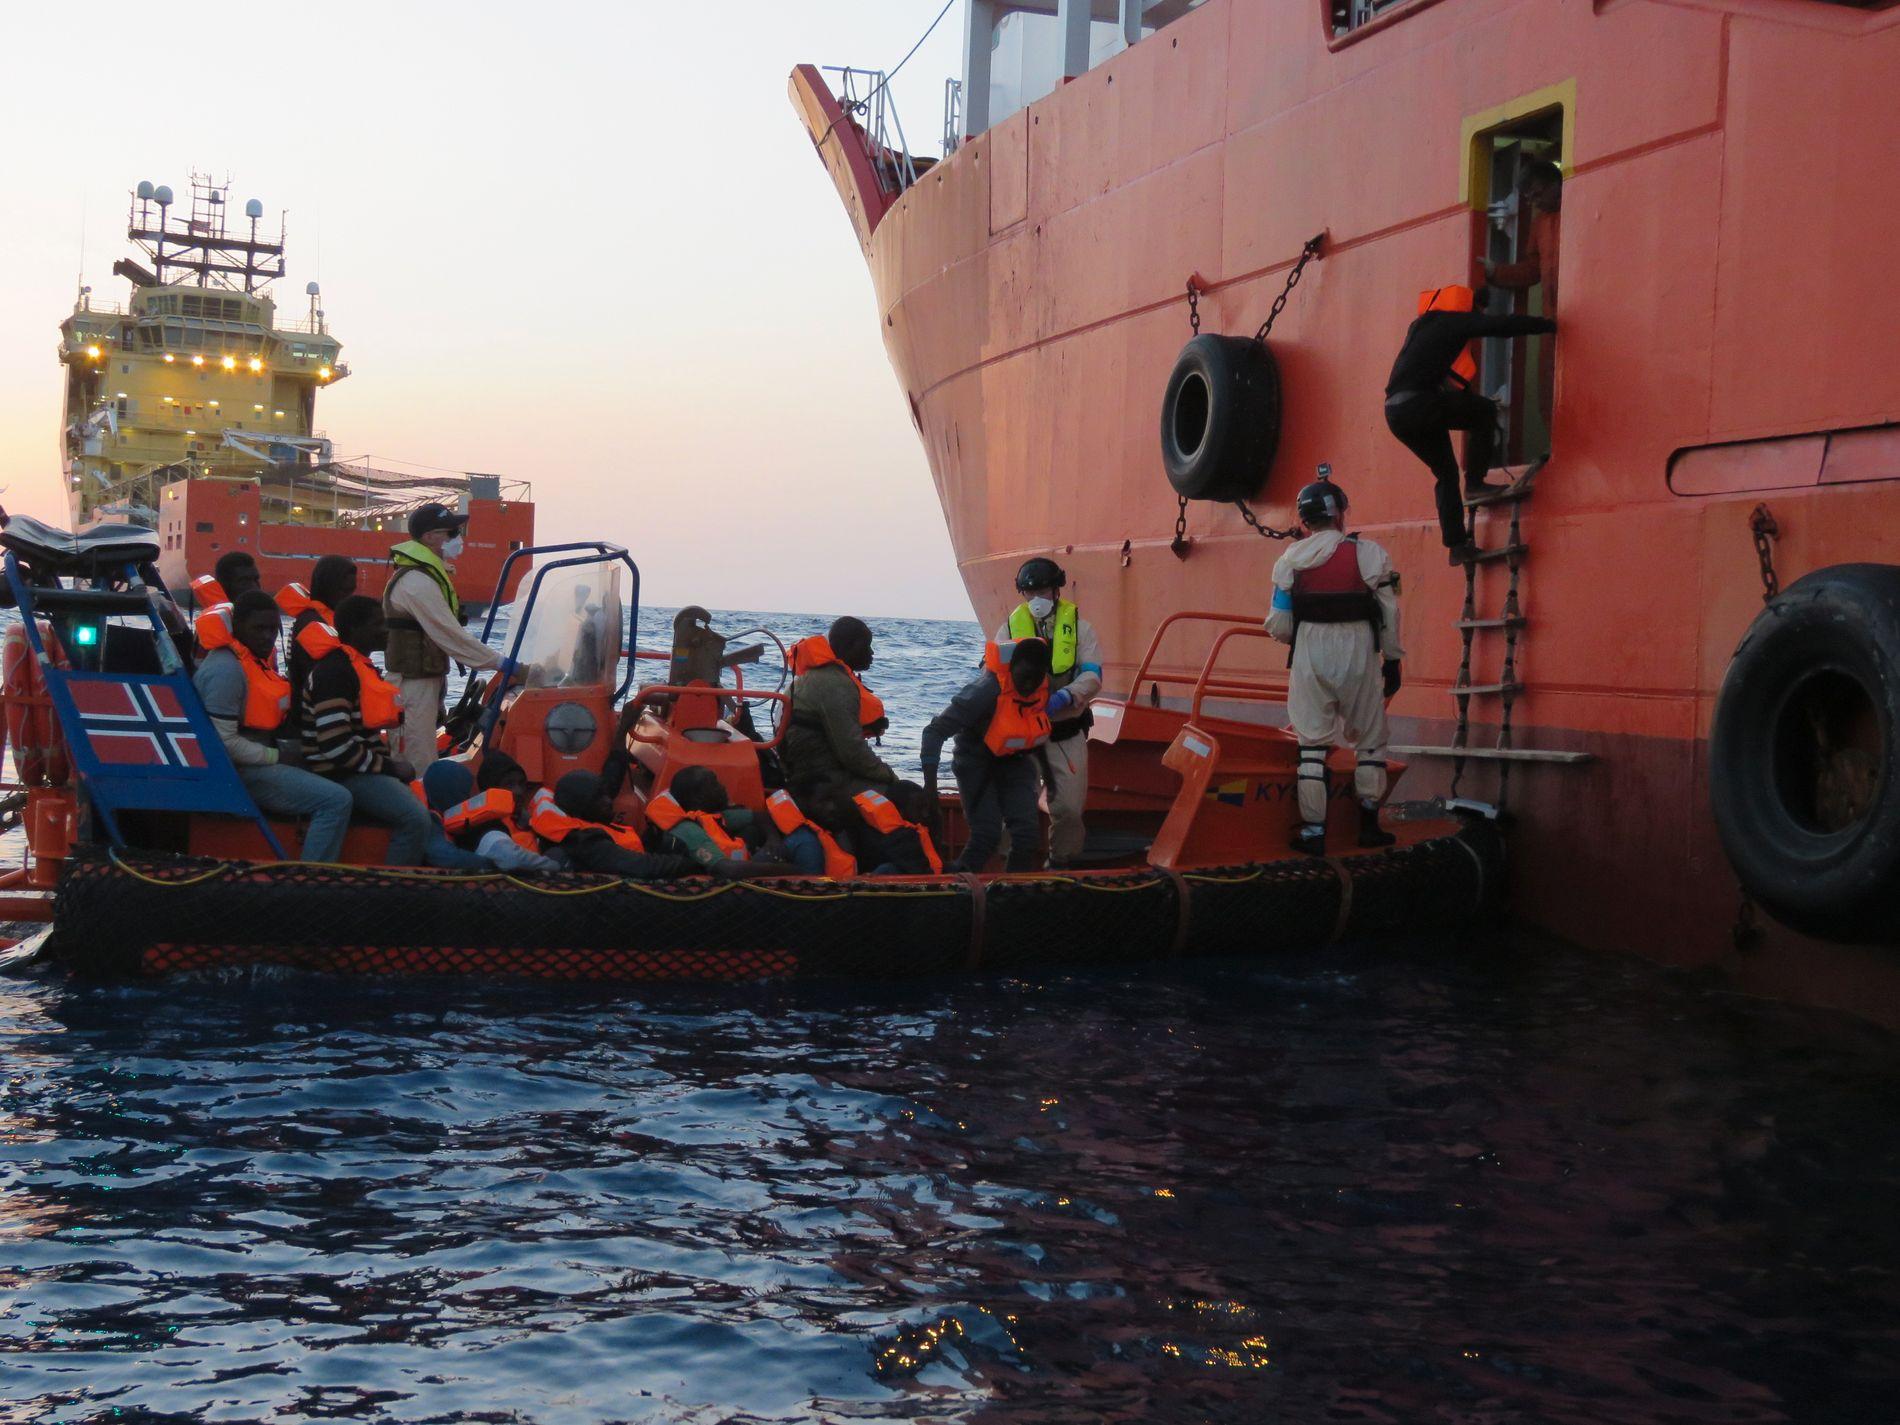 REDNINGSMANNSKAP: «Siem Pilot» i Middelhavet.